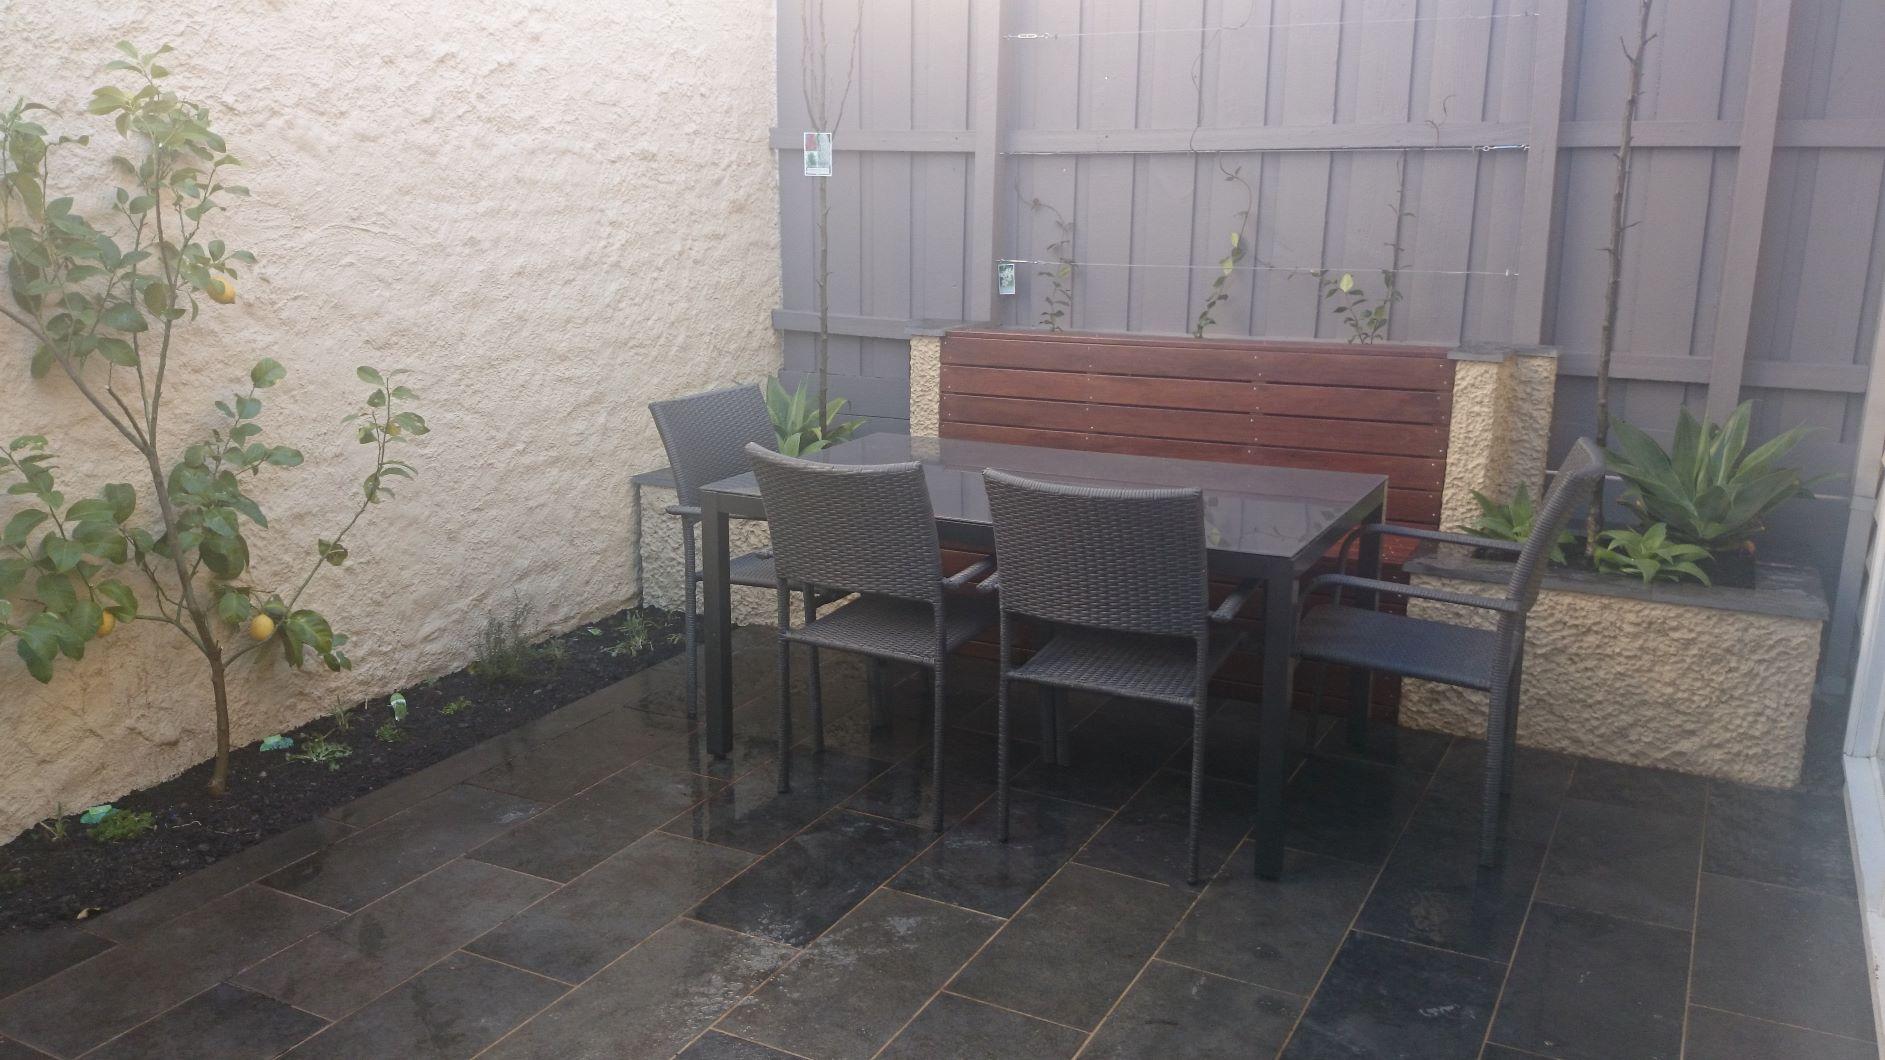 South Melbourne courtyard garden.